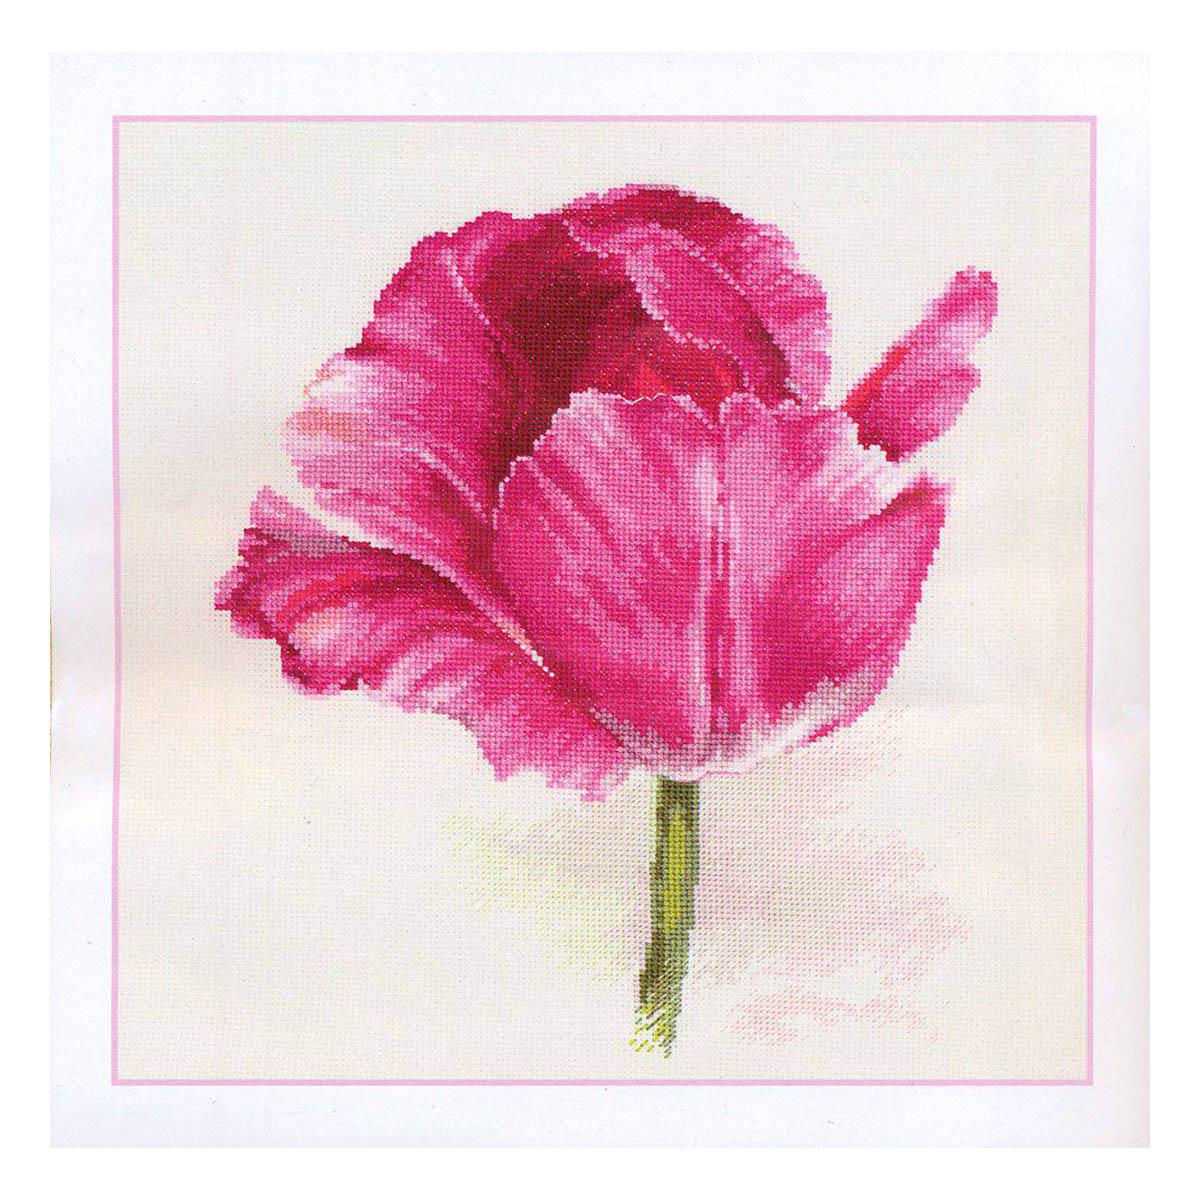 2-43 Набор для вышивания АЛИСА 'Тюльпаны. Малиновое сияние'22*26 см